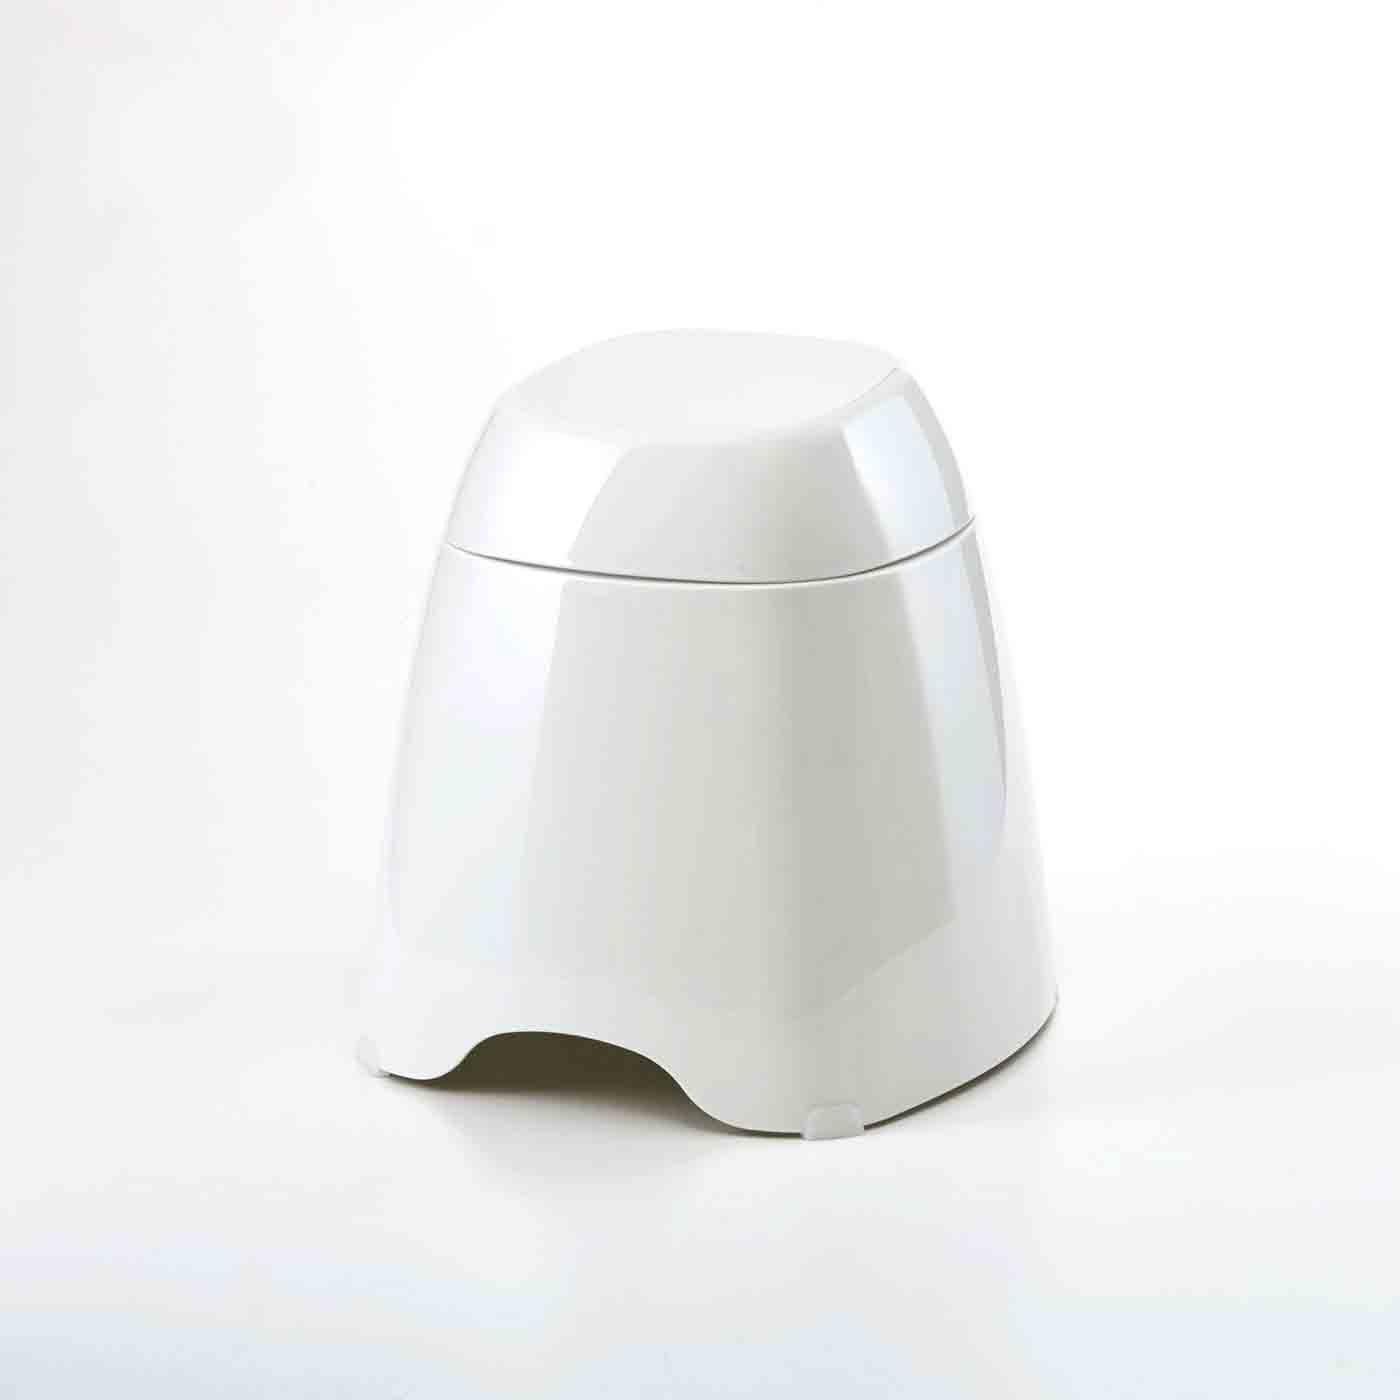 バスルームをシンプルに ひとつに重ねて収納できるバススツールセット